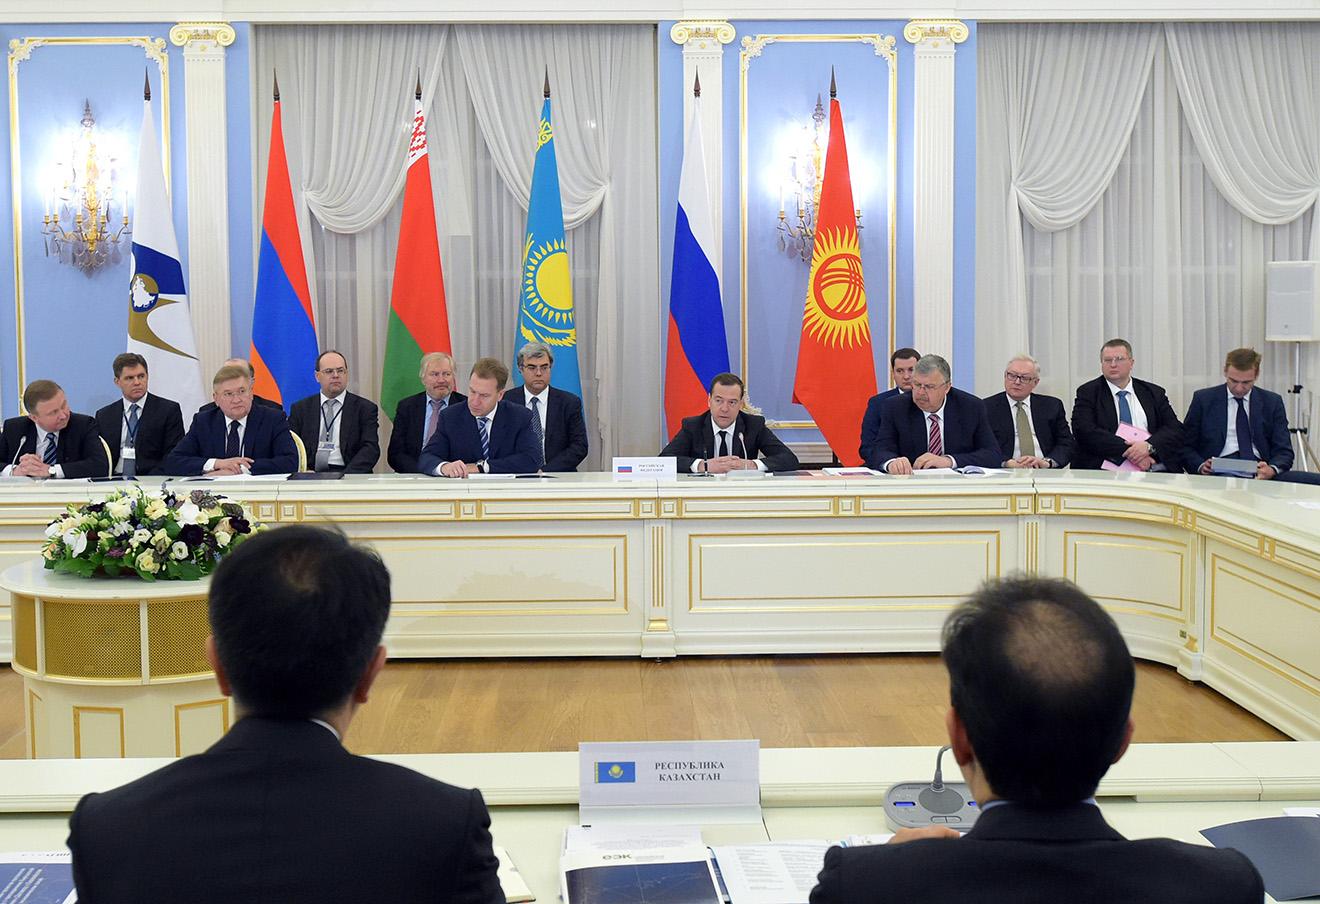 Заседании Евразийского межправительственного совета.